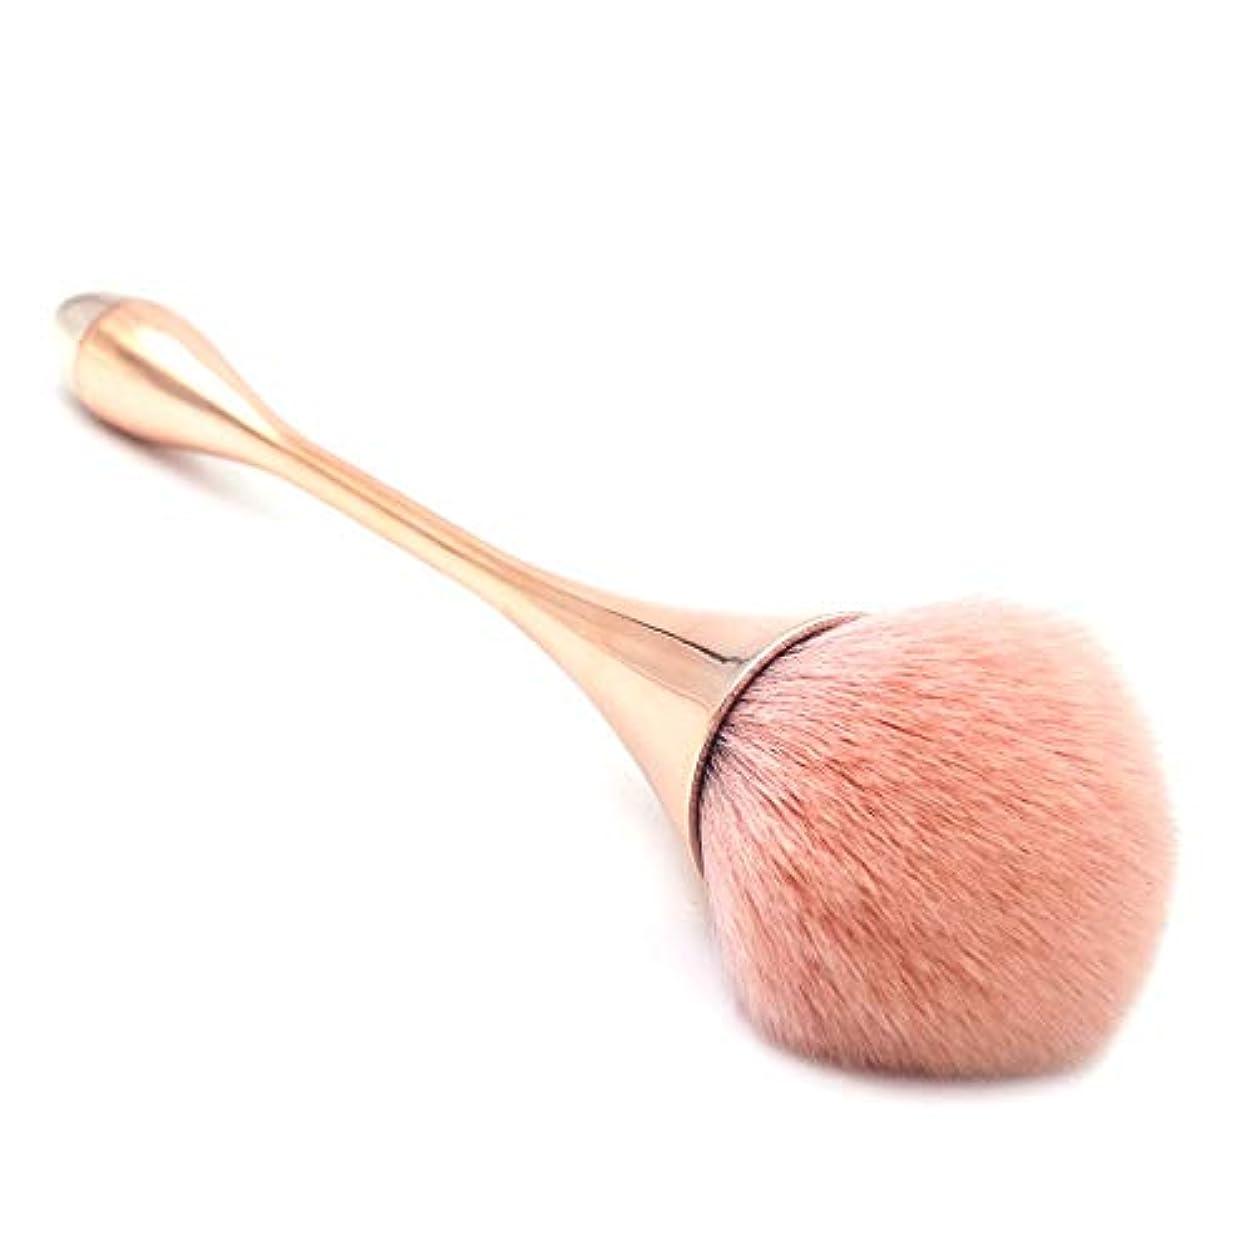 インフルエンザピッチャー無しMakeup brushes 宣言的な適用範囲のための化粧筆ミネラルパウダーファンデーションブレンディングビュッフェ、シングルスレンダーウエストビッグパウダーブラシ suits (Color : Rose gold)